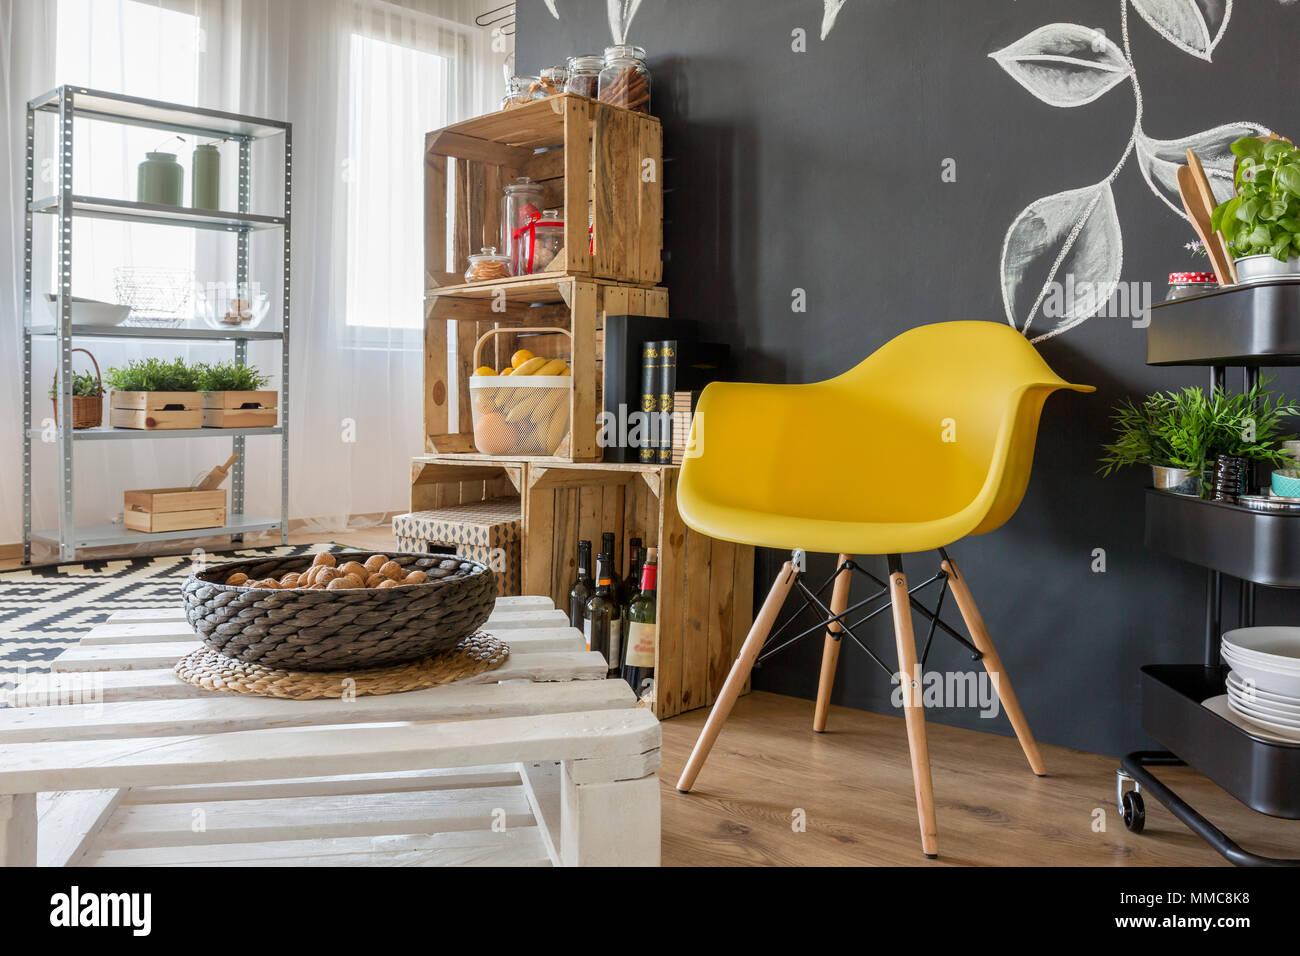 stuhl aus paletten affordable mobel aus selber basteln ok elegant stuhl blendend paletten stuhl. Black Bedroom Furniture Sets. Home Design Ideas